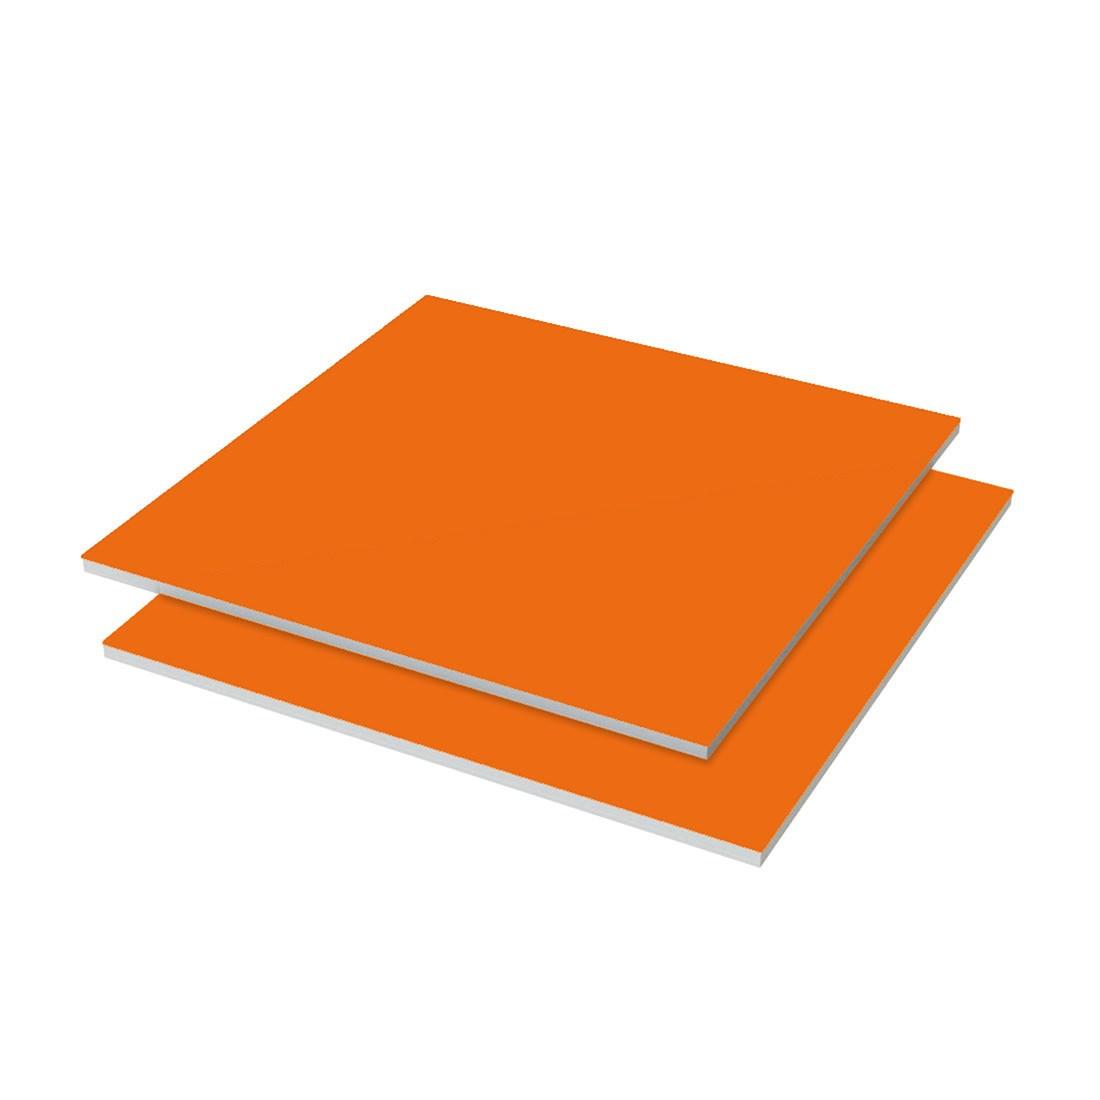 Katz Display board Karton Oranje fluoriserend 20st/doos 860x610x1,6mm